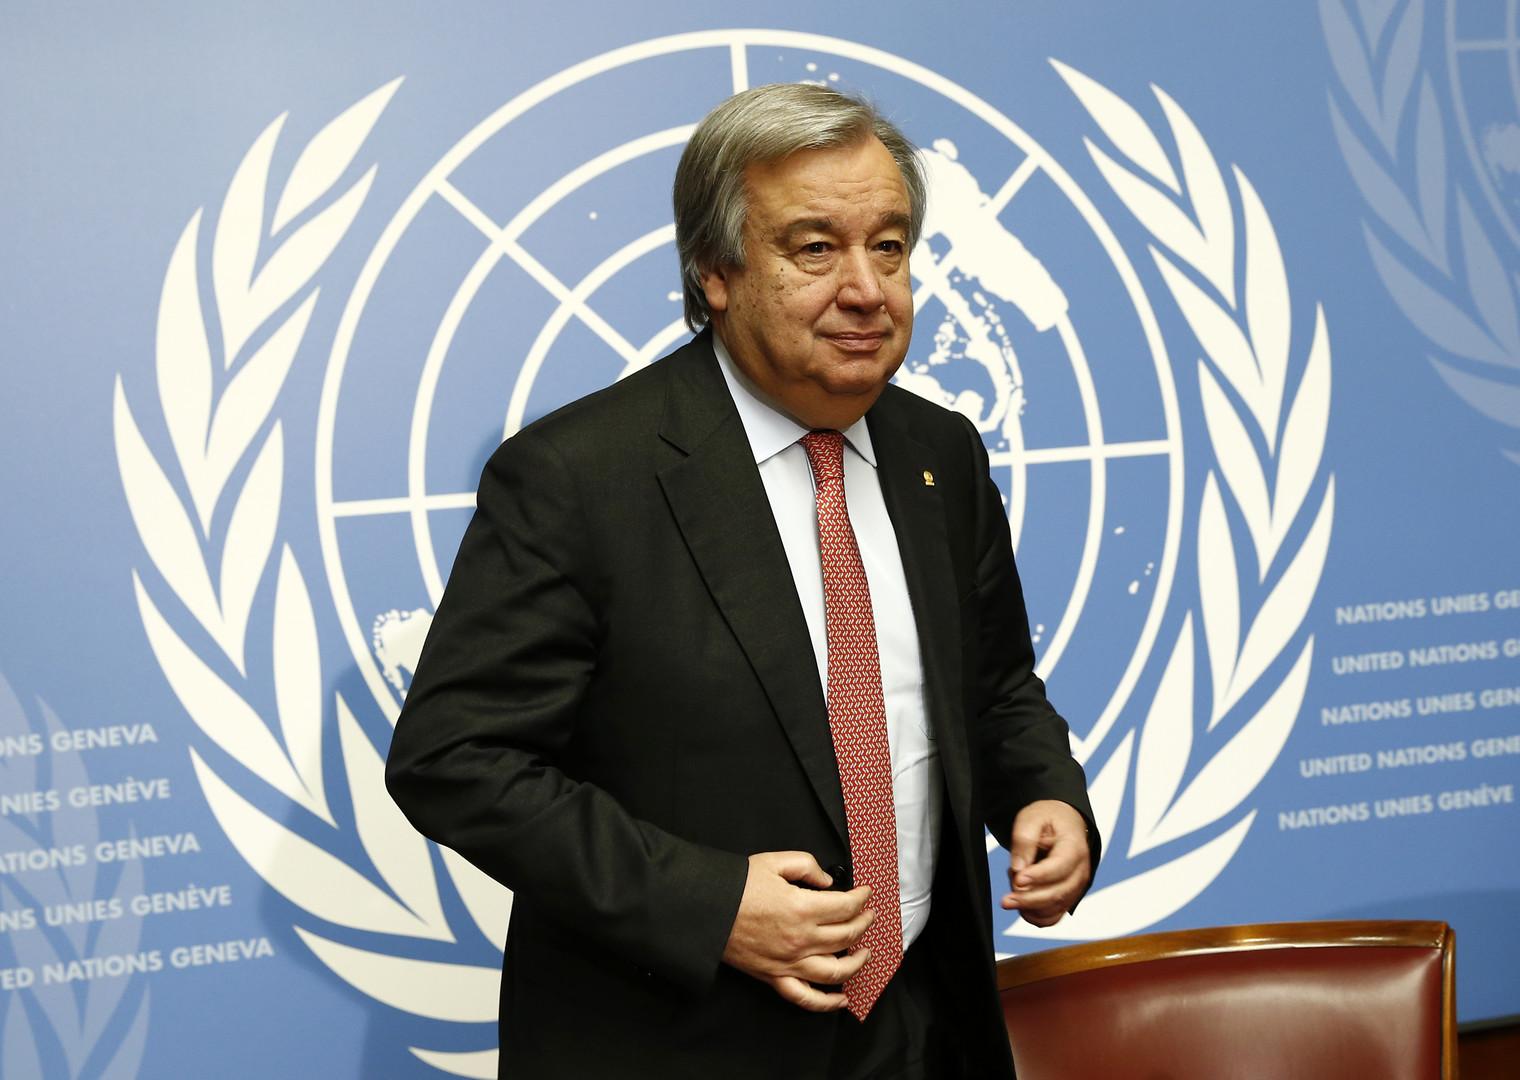 9-й Генсек ООН Антониу Гутерреш: католик, социалист и болельщик «Бенфики»